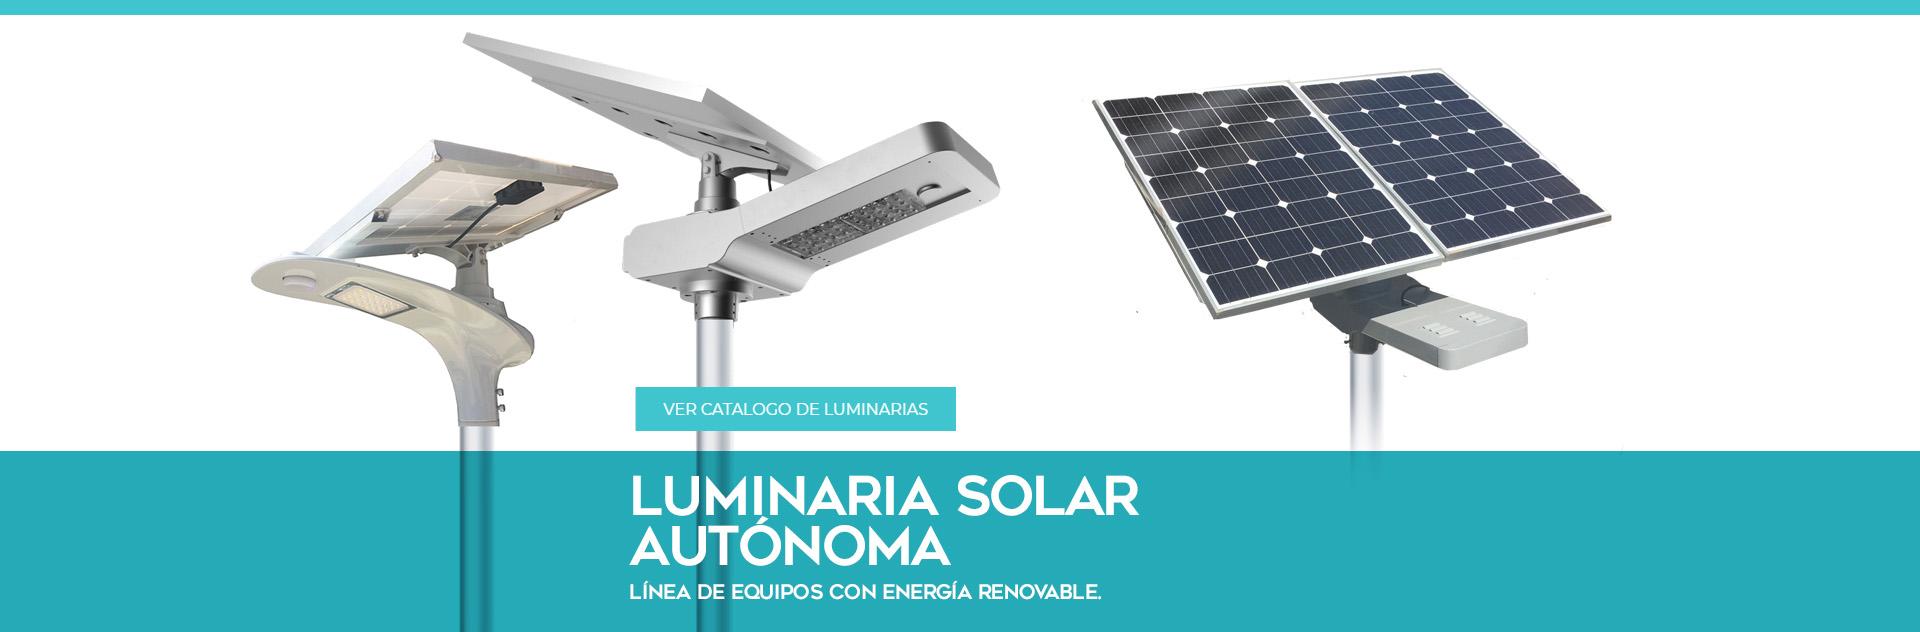 Luminaria Solar Autonoma